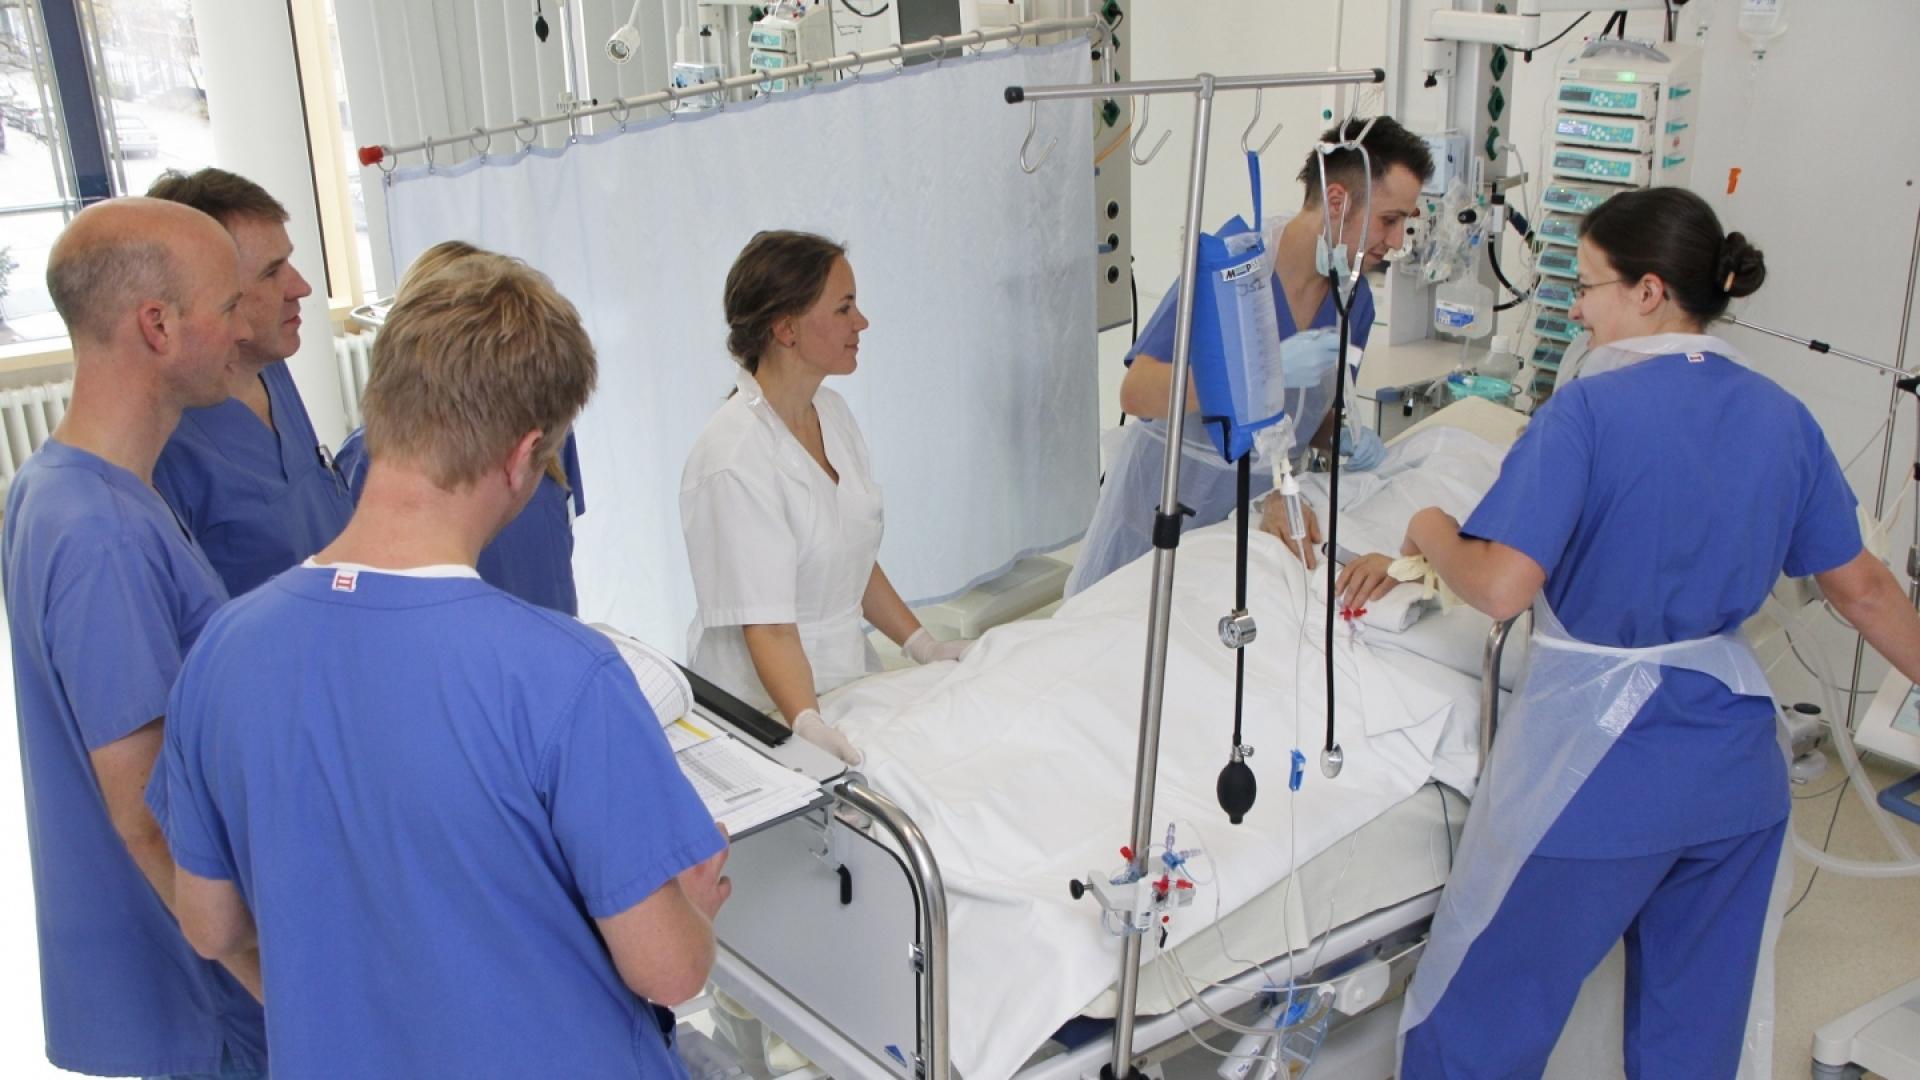 Ärzte und Pfleger am Patientenbett auf der Intensivstation